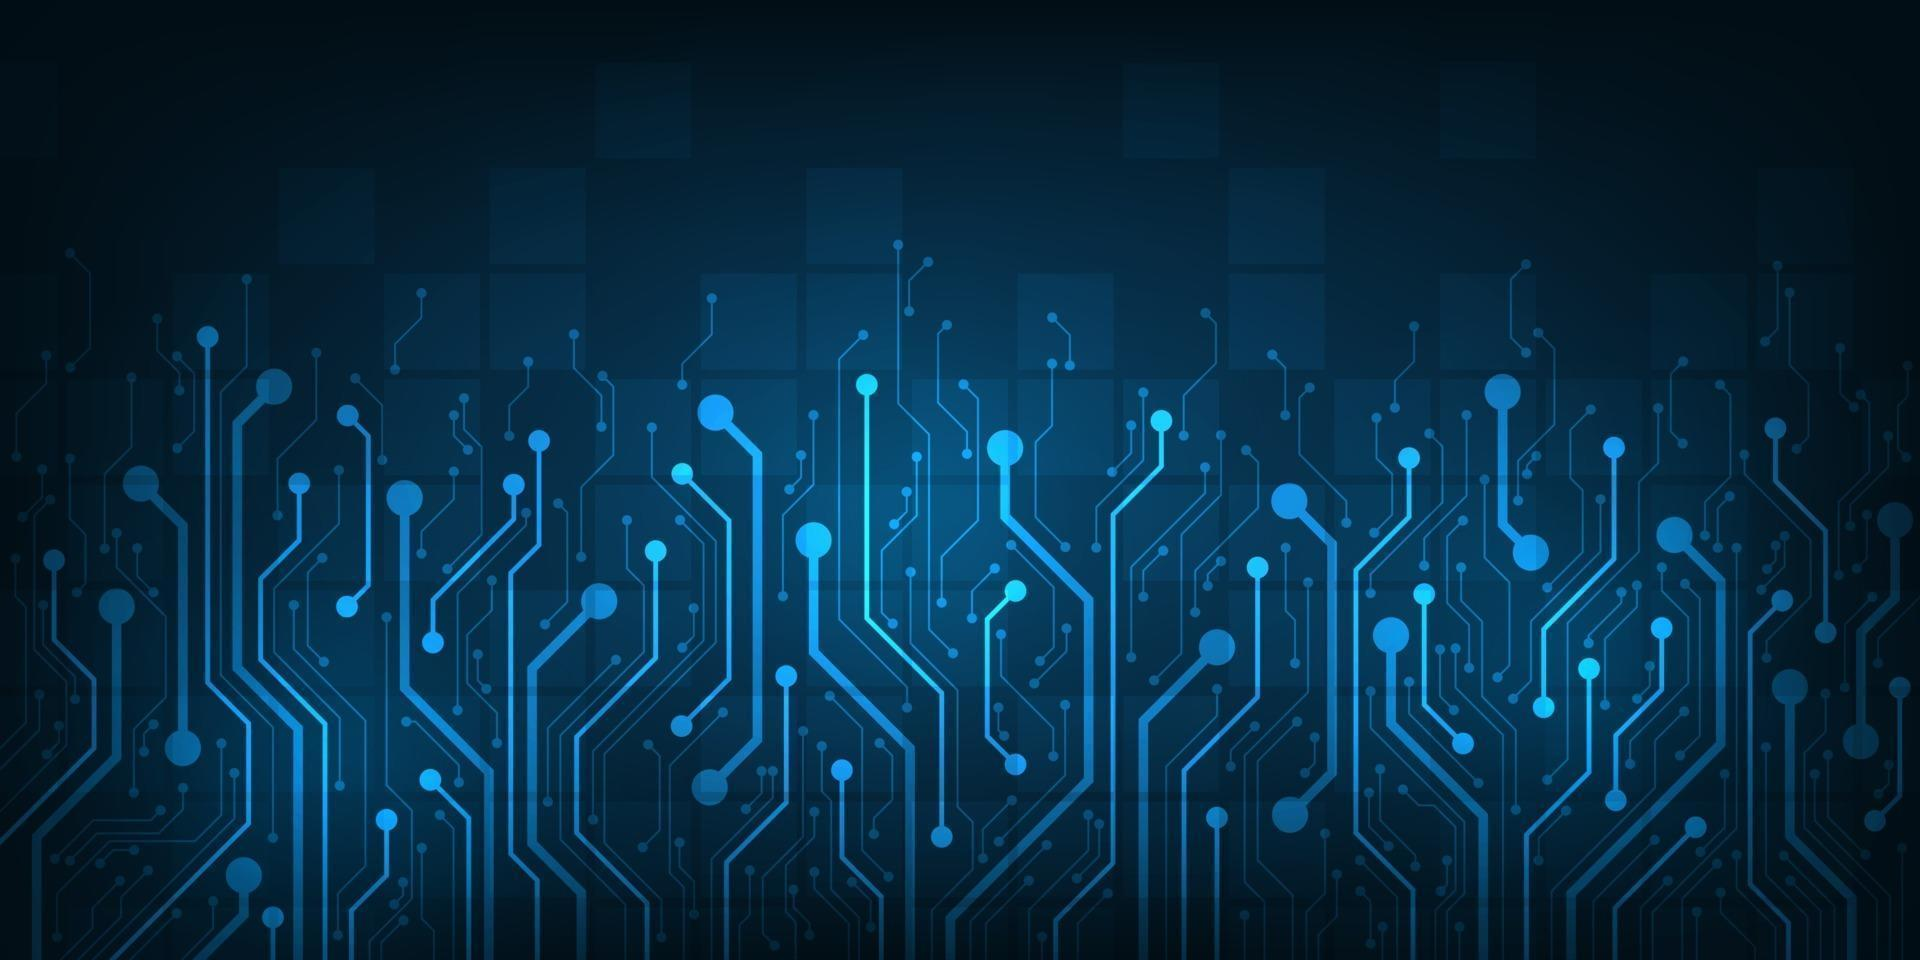 diseño en el concepto de placas de circuitos electrónicos. vector